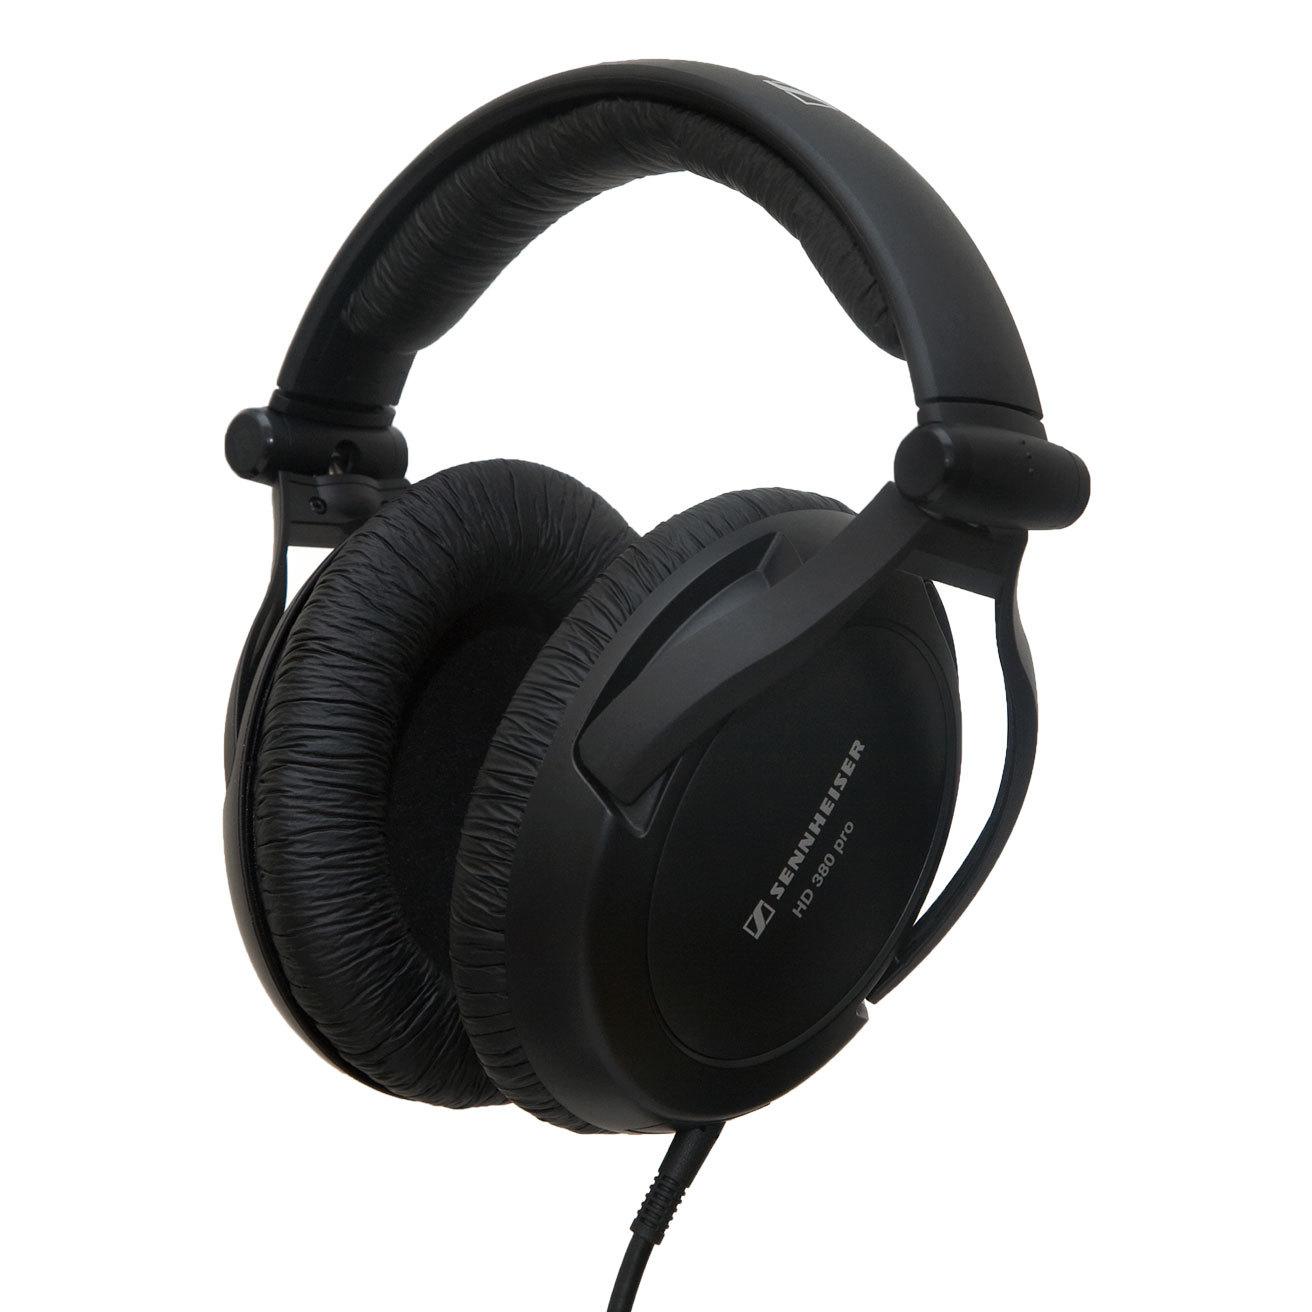 HD 380 PRO Headphones